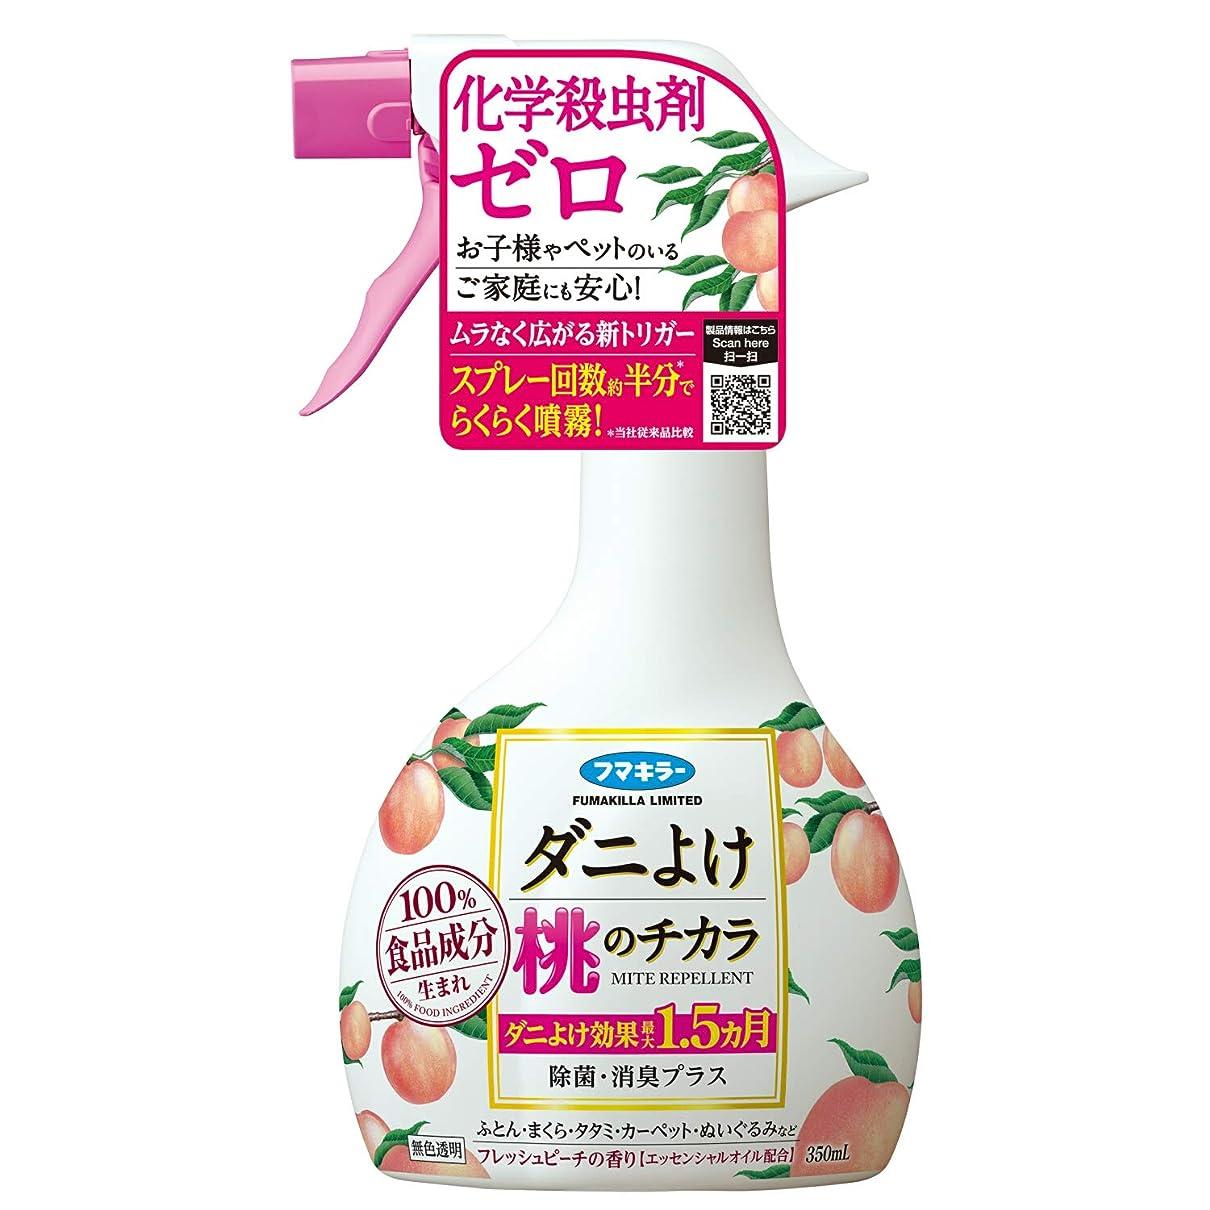 ストレンジャーポンプシェードフマキラー ダニ 避け剤 ダニよけ桃のチカラ 350ml